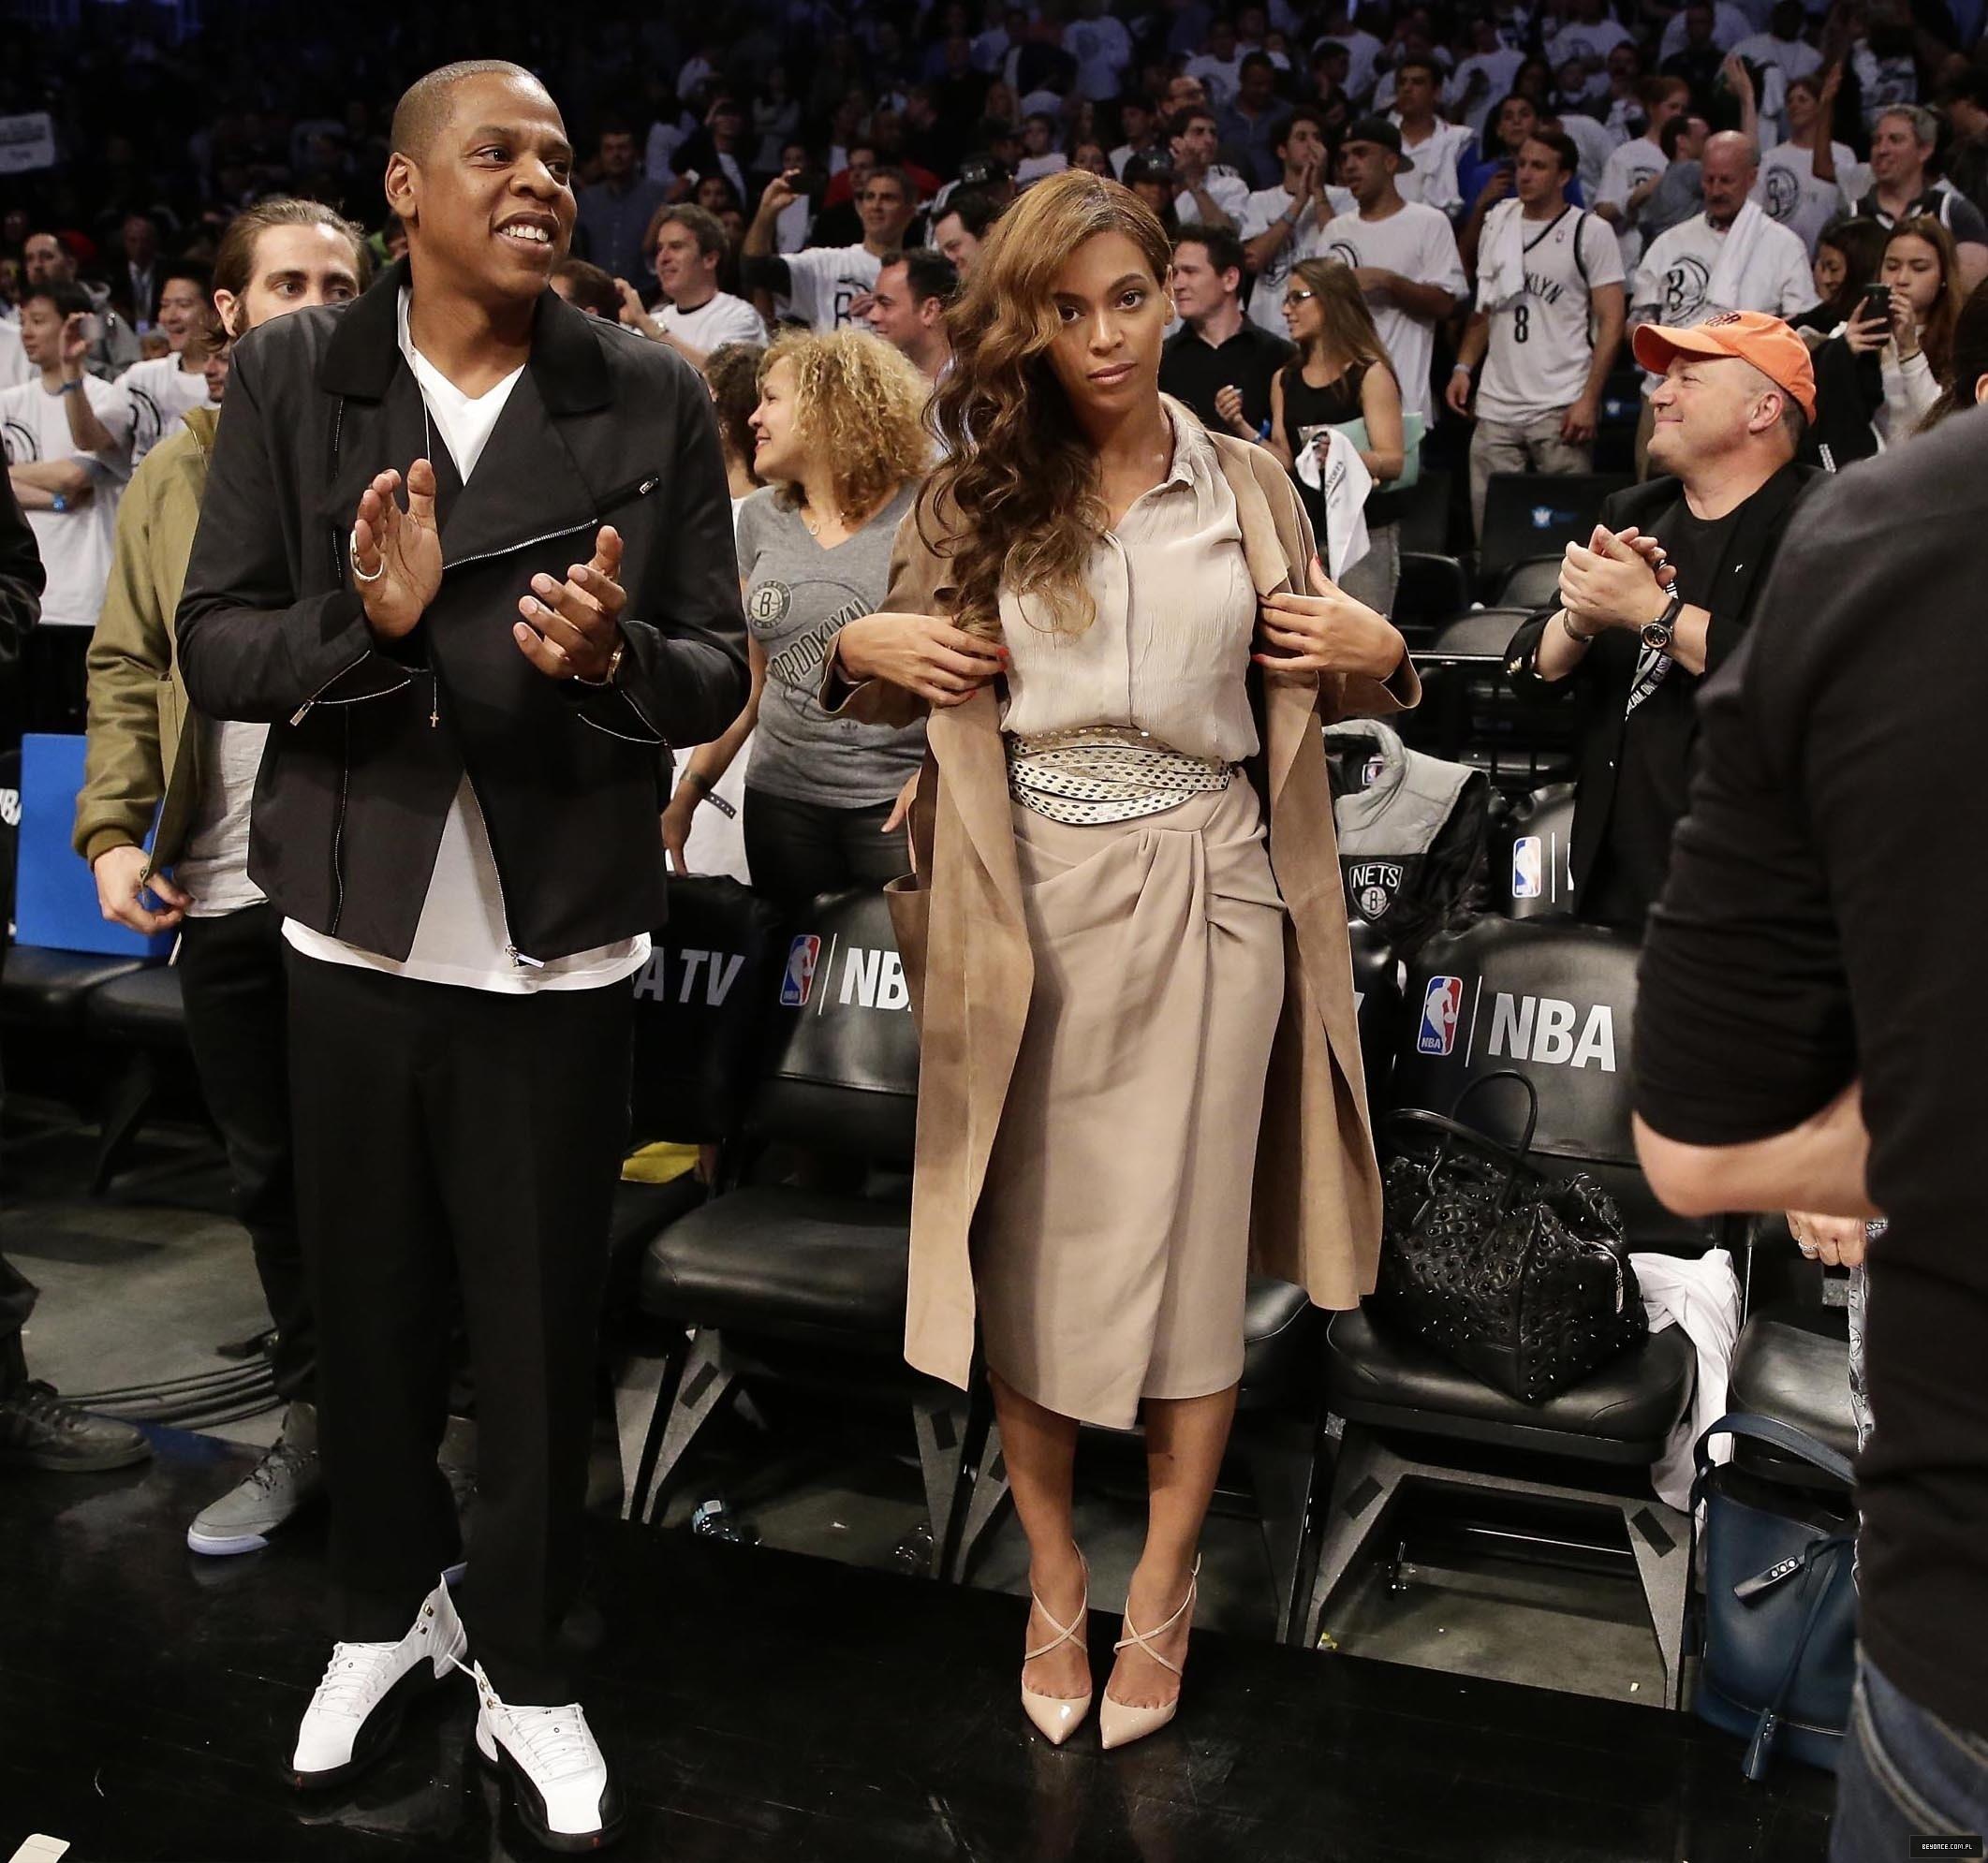 Beyoncé > Apariciones en público <Candids> [III] - Página 26 Miami-brooklyn-game2014_2_1